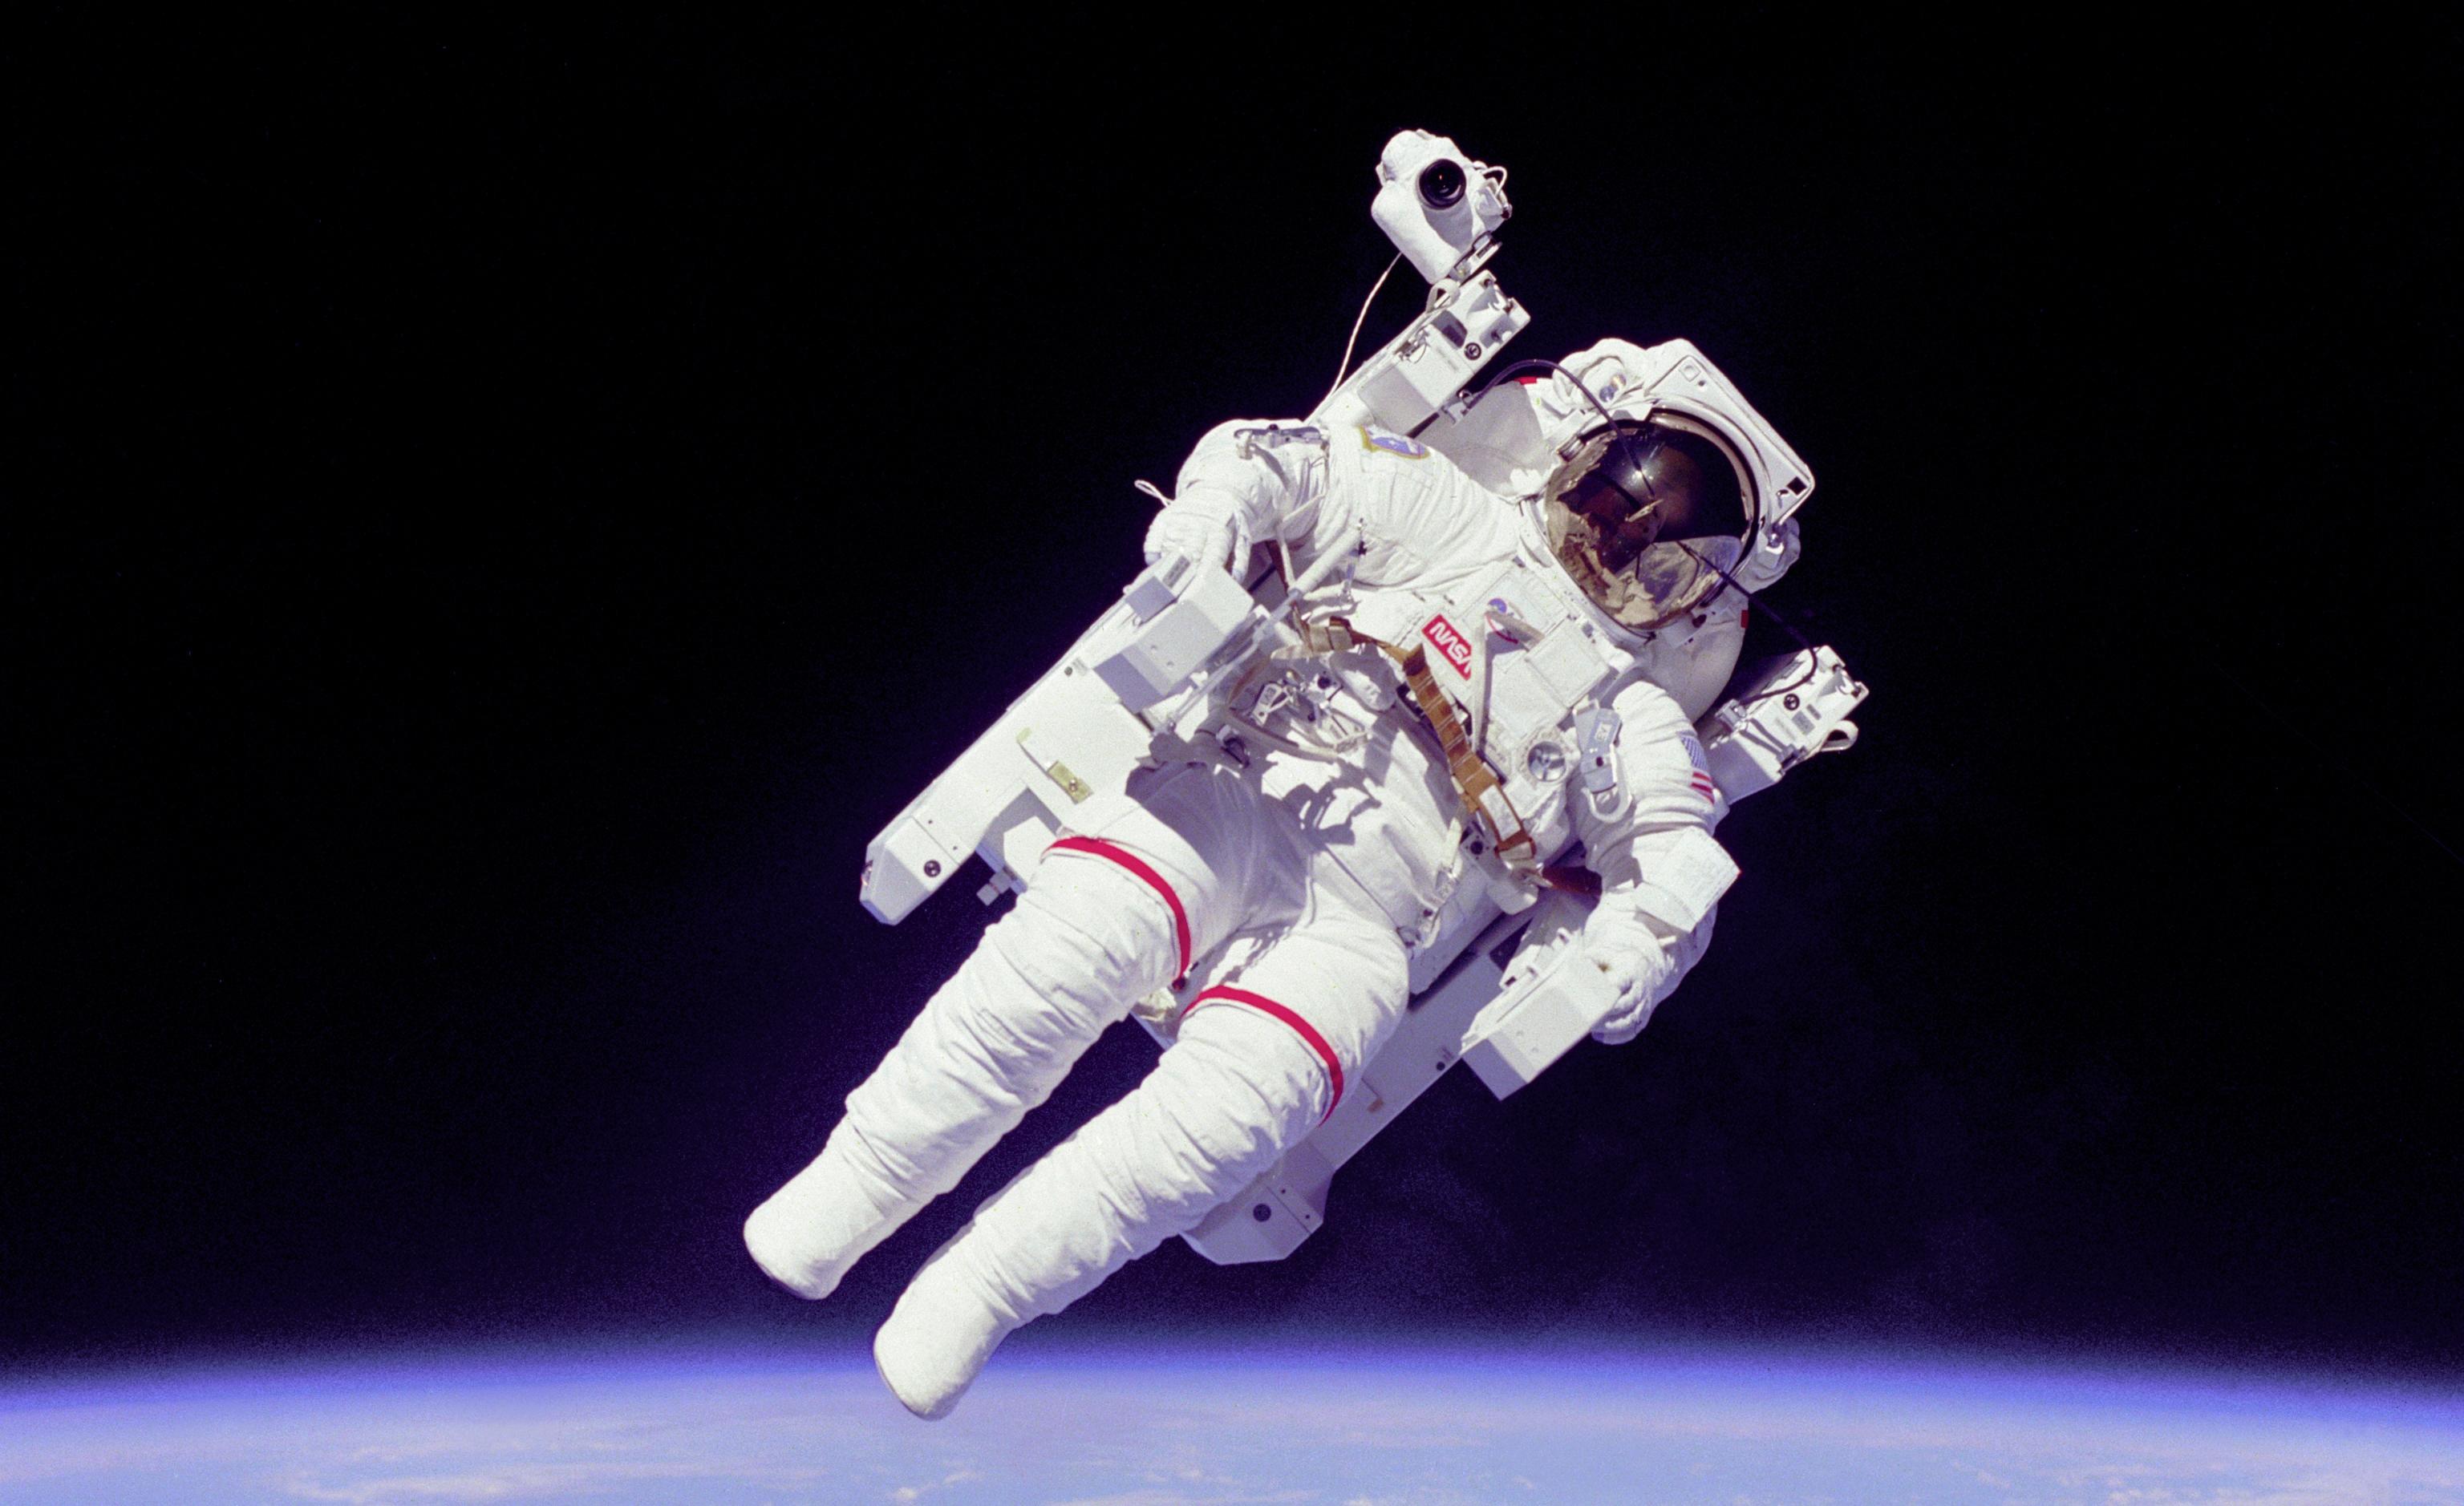 La vita nello spazio: come vivono gli astronauti?